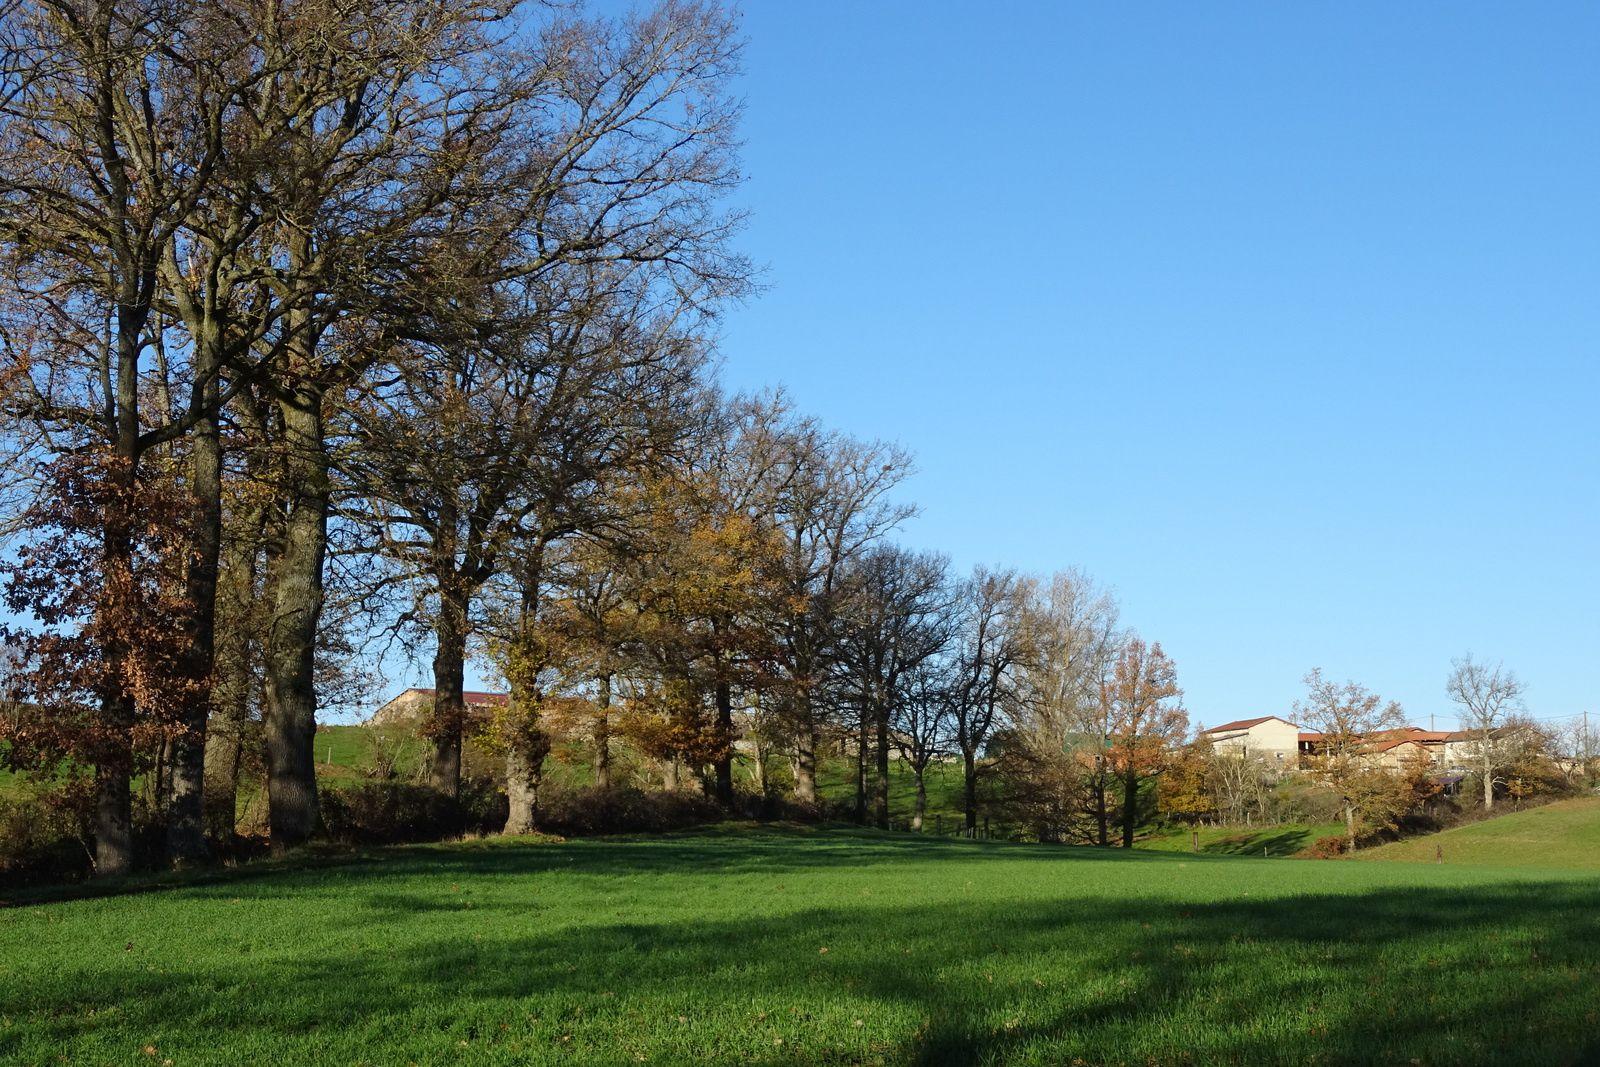 Les arbres n'ont pas tous perdus leurs feuilles, le ciel est bleu, l'herbe bien verte.